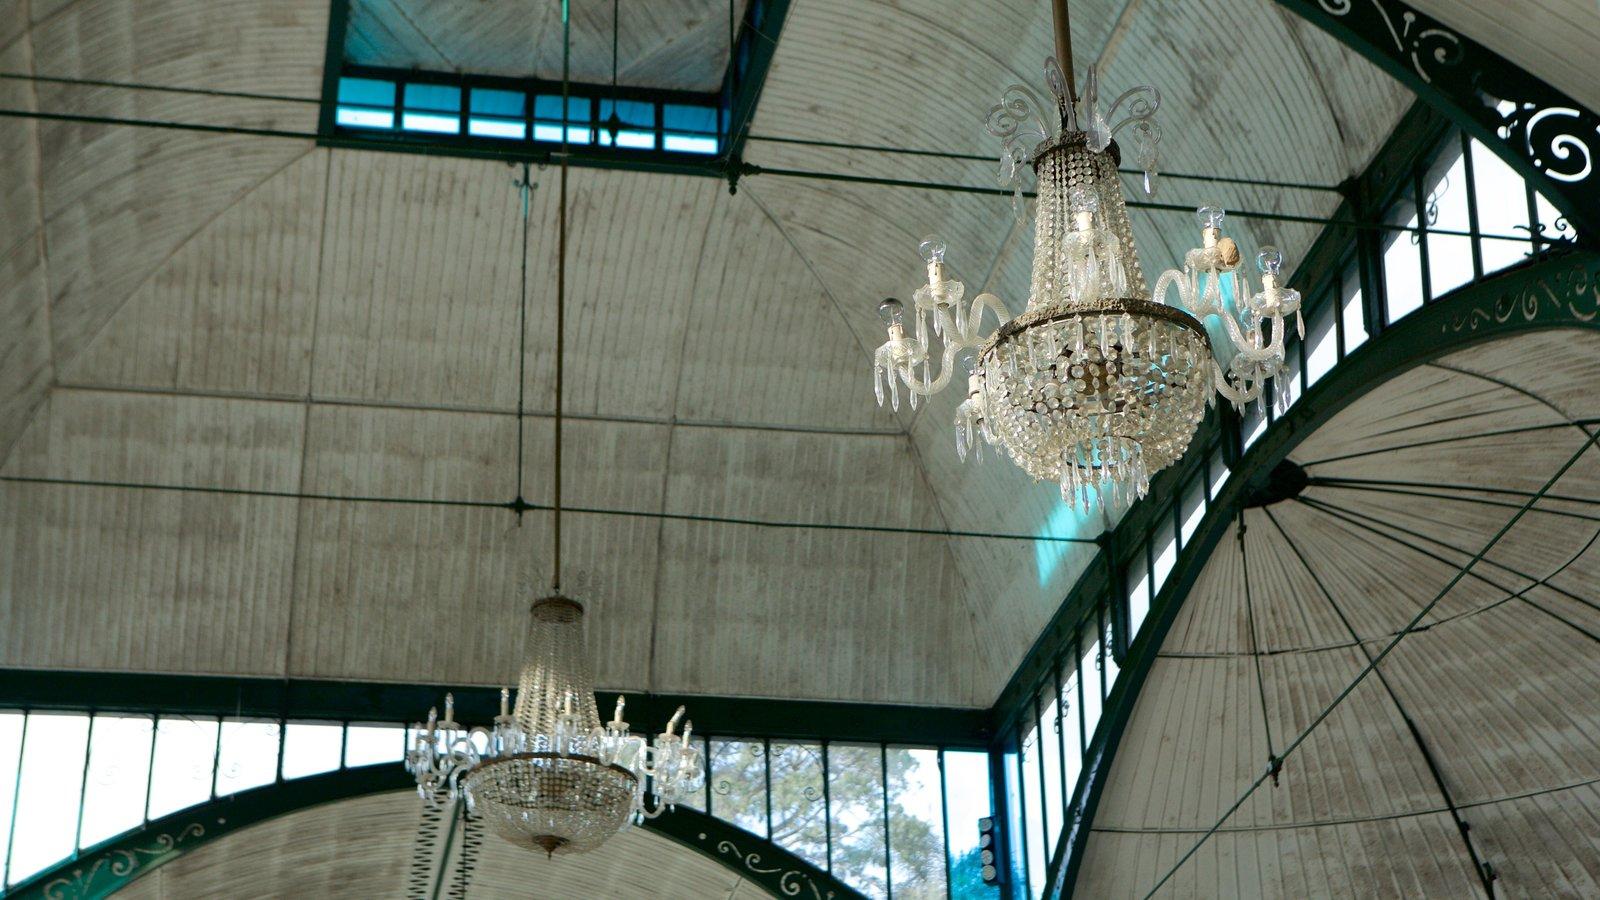 Palácio de Cristal mostrando vistas internas e elementos de patrimônio